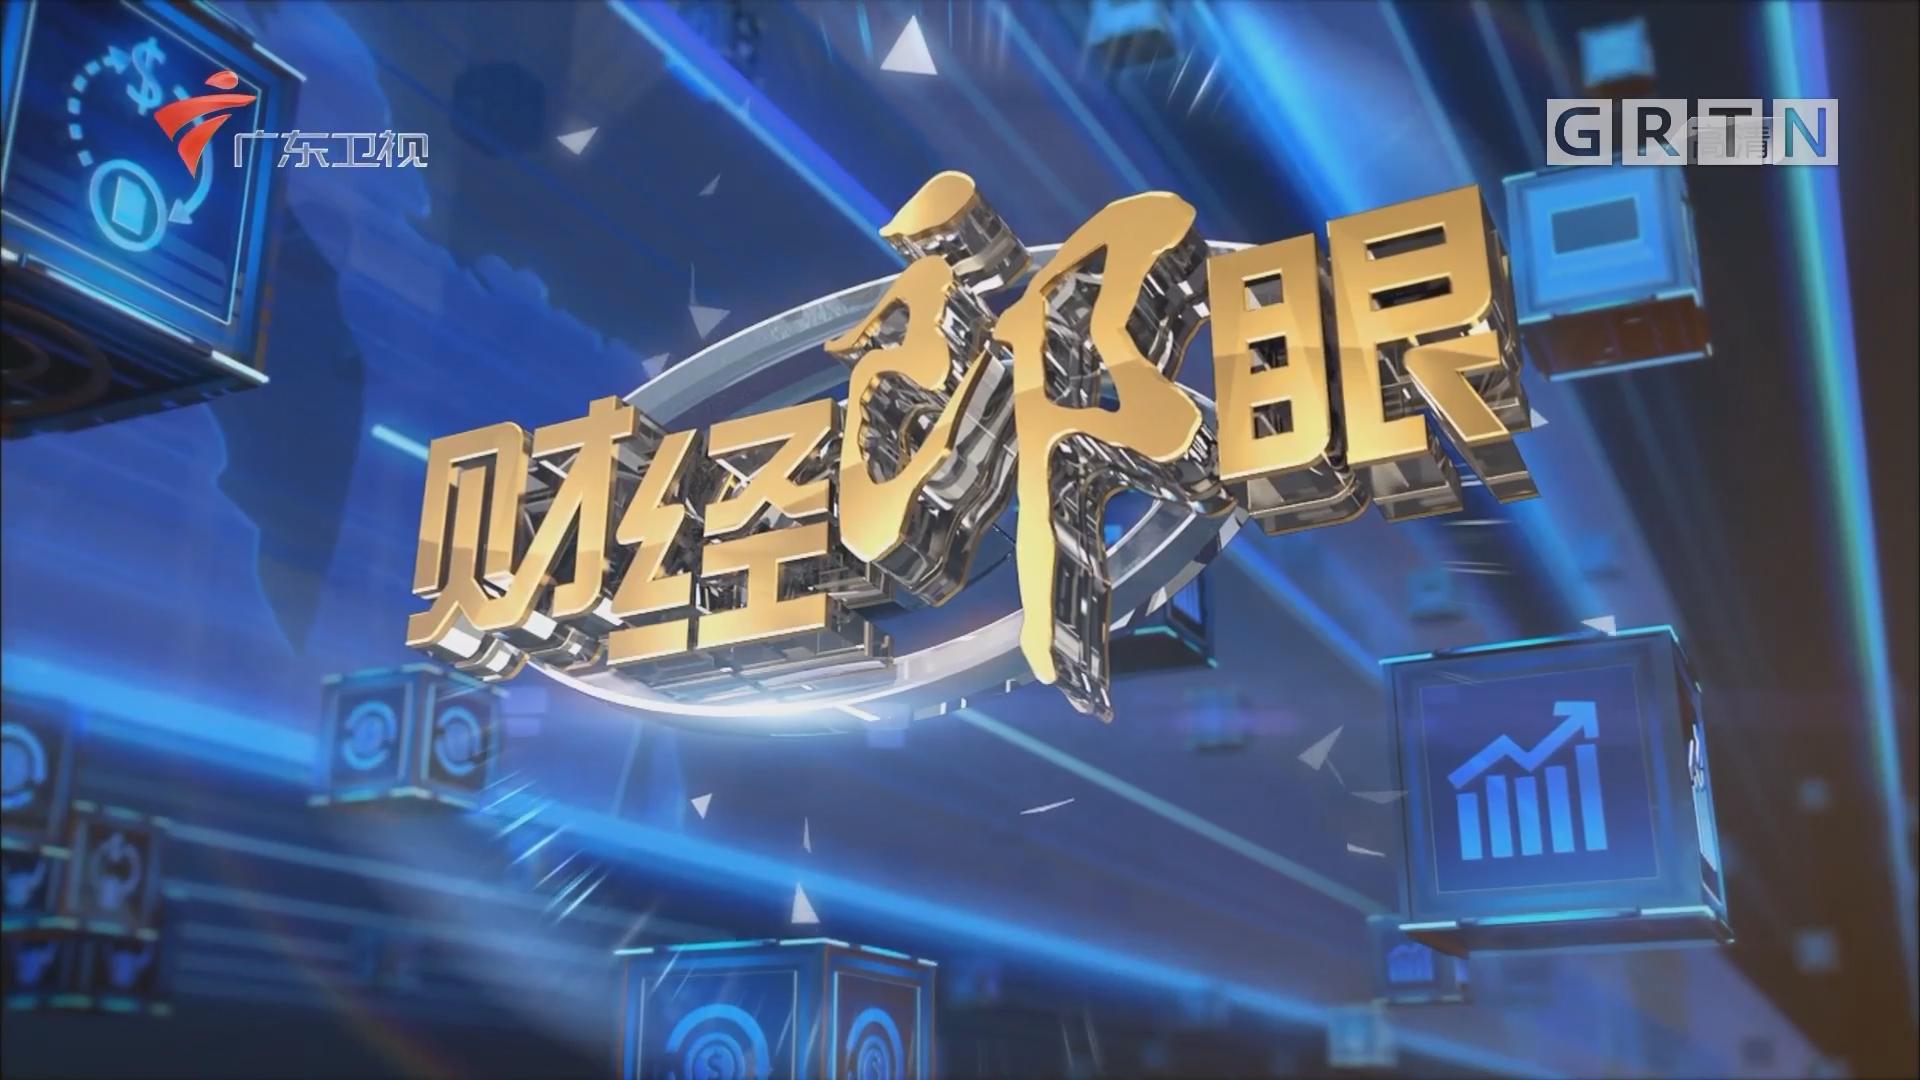 [2018-09-17]财经郎眼:破解网约车困局